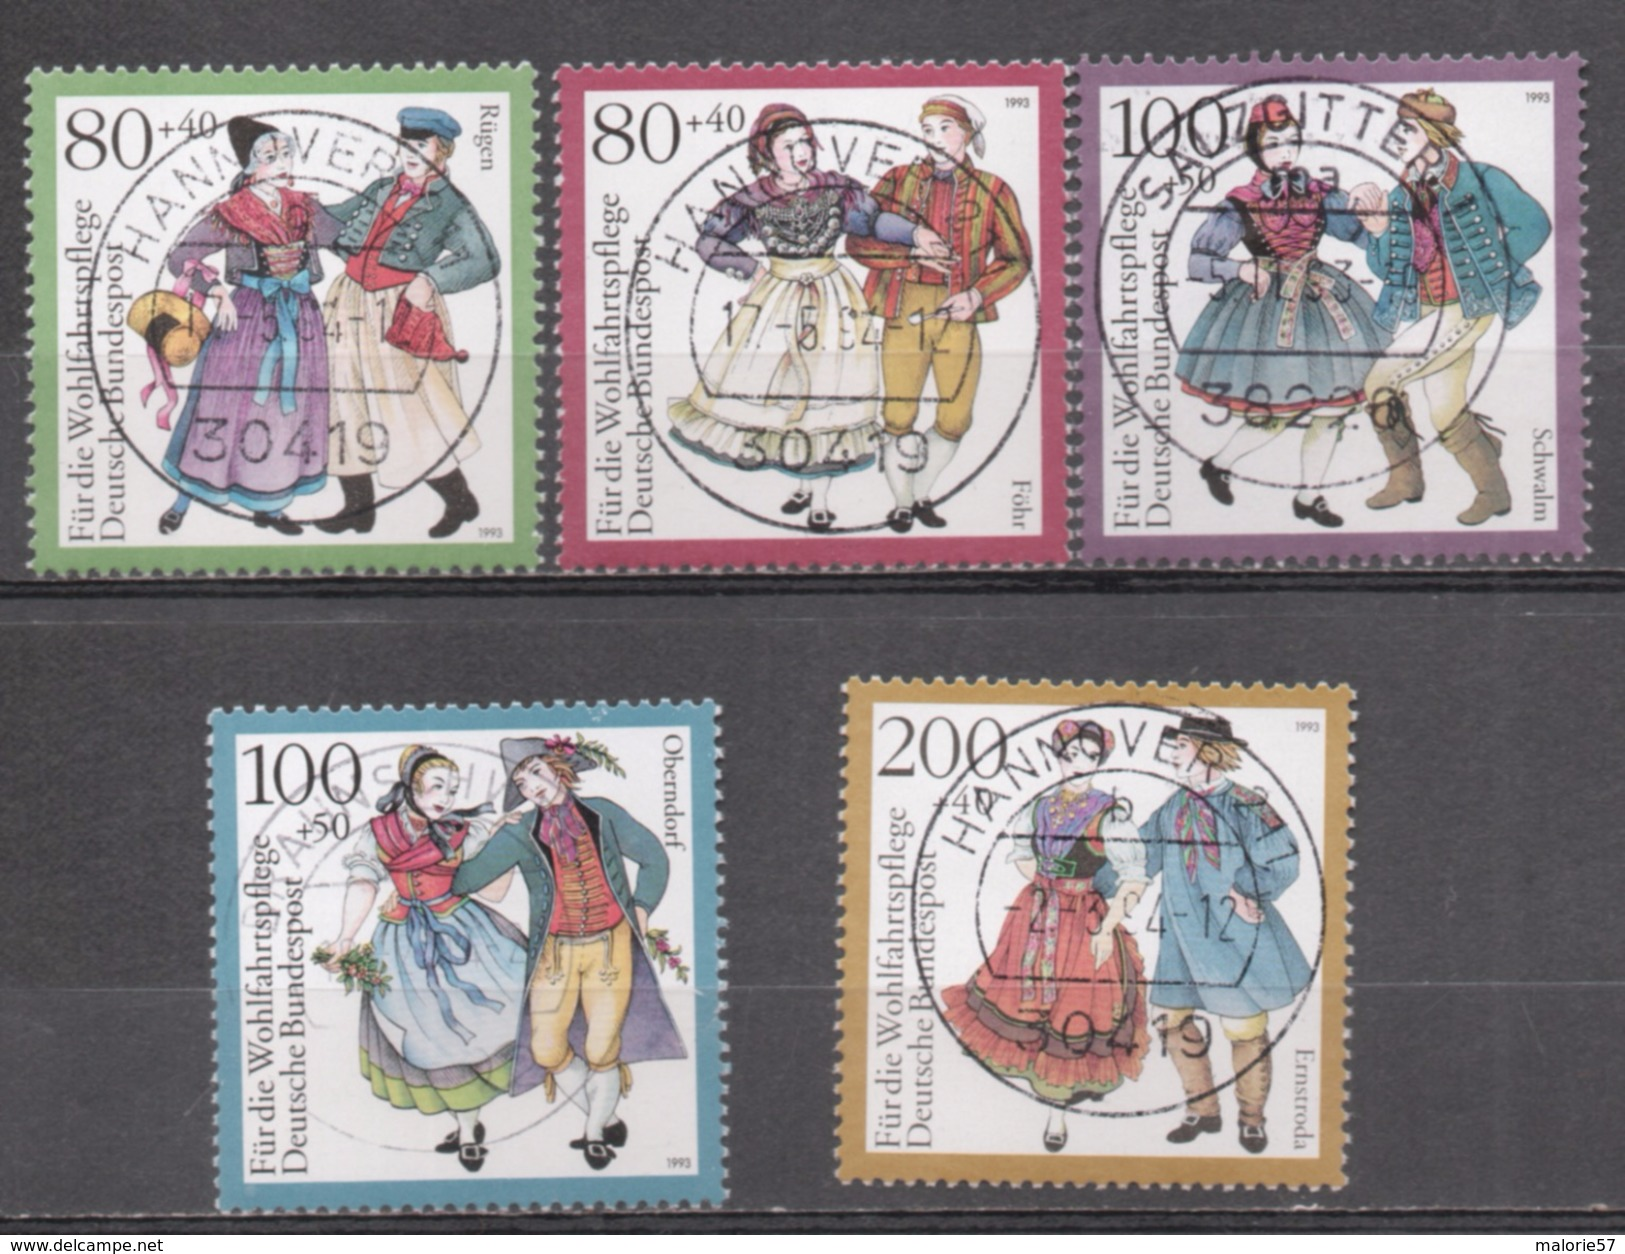 ALLEMAGNE R.F.A 1993 Michel 1696 - 1700 Oblitéré - Oblitérés